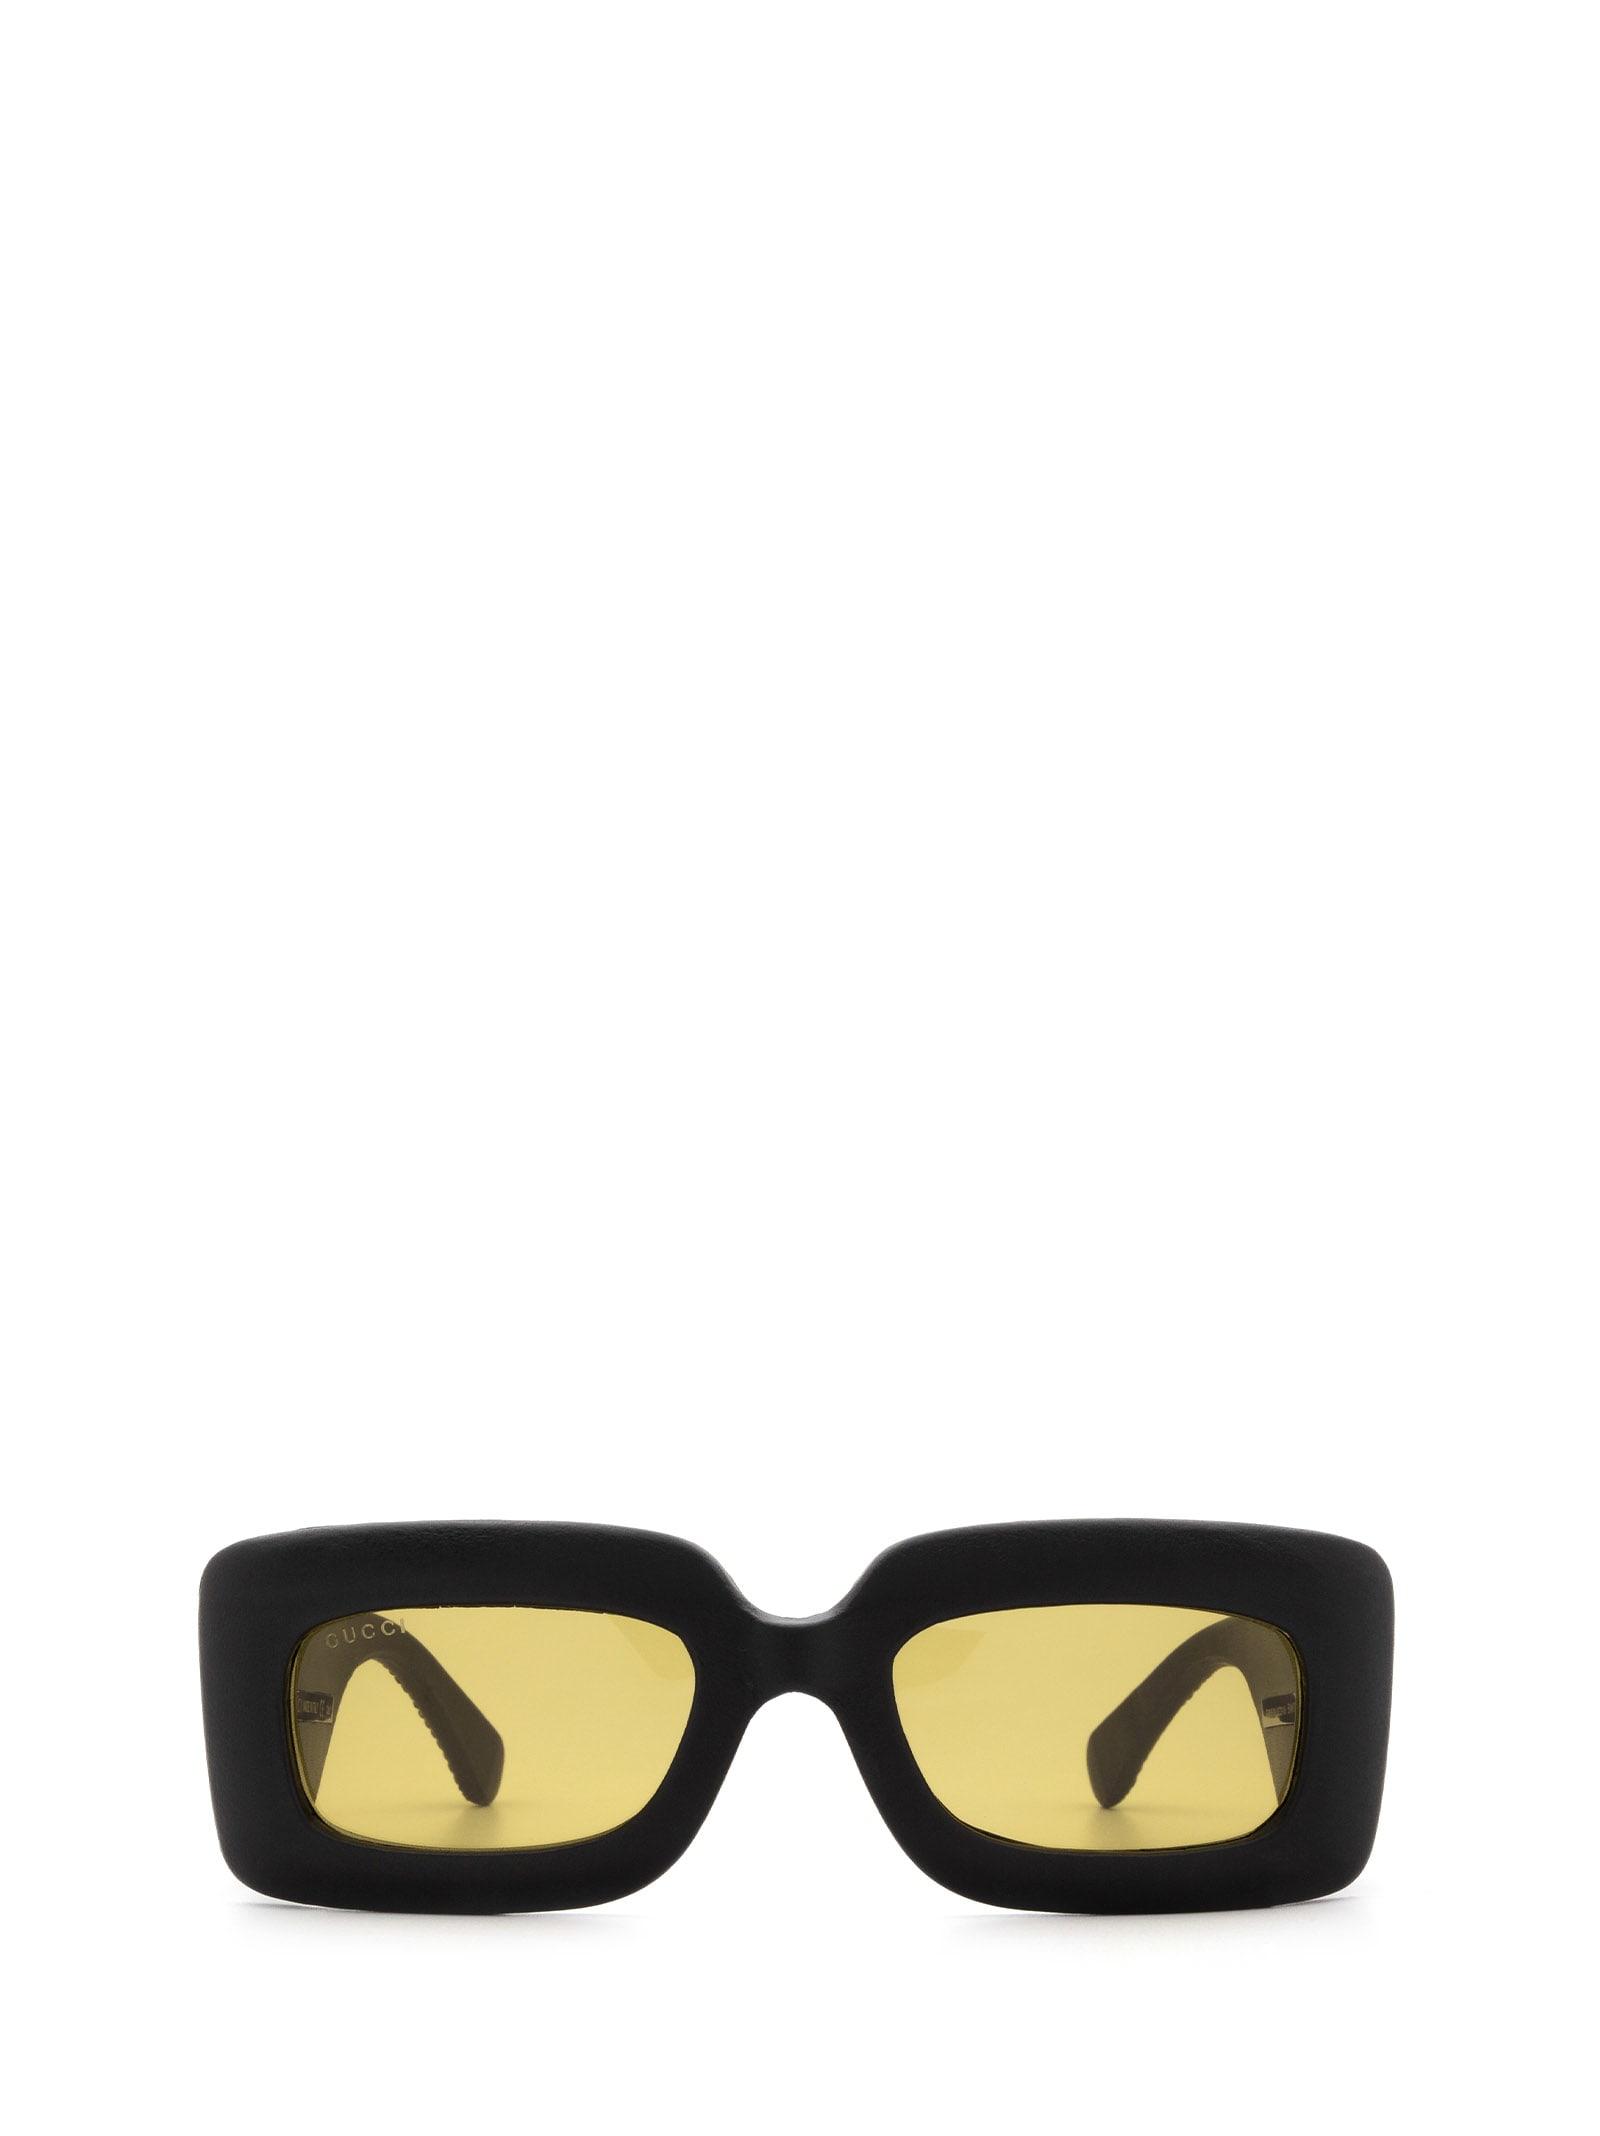 Gucci Sunglasses GG0816S BLACK SUNGLASSES